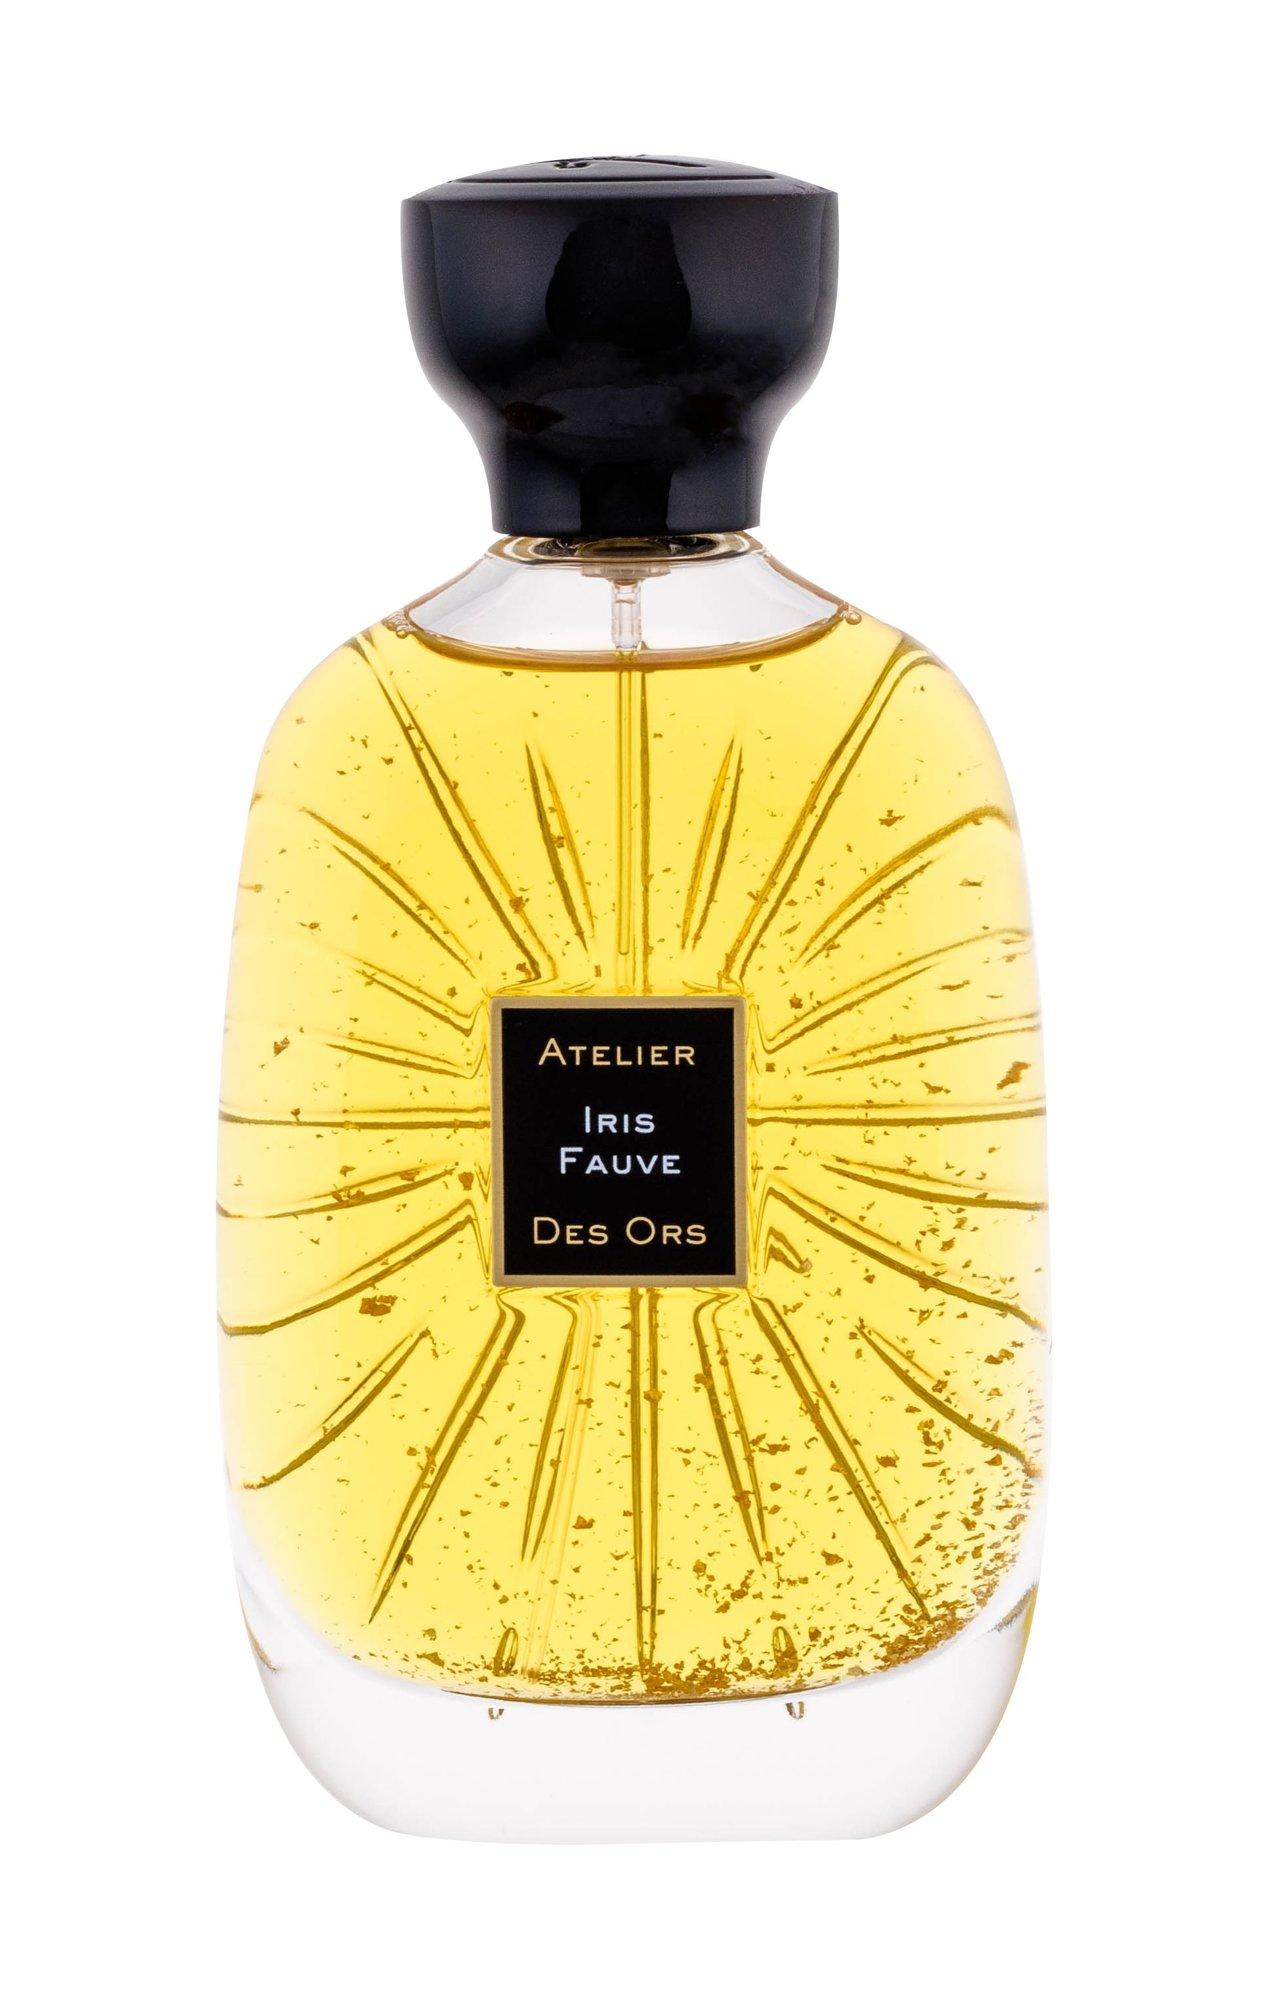 Atelier des Ors Iris Fauve Eau de Parfum 100ml